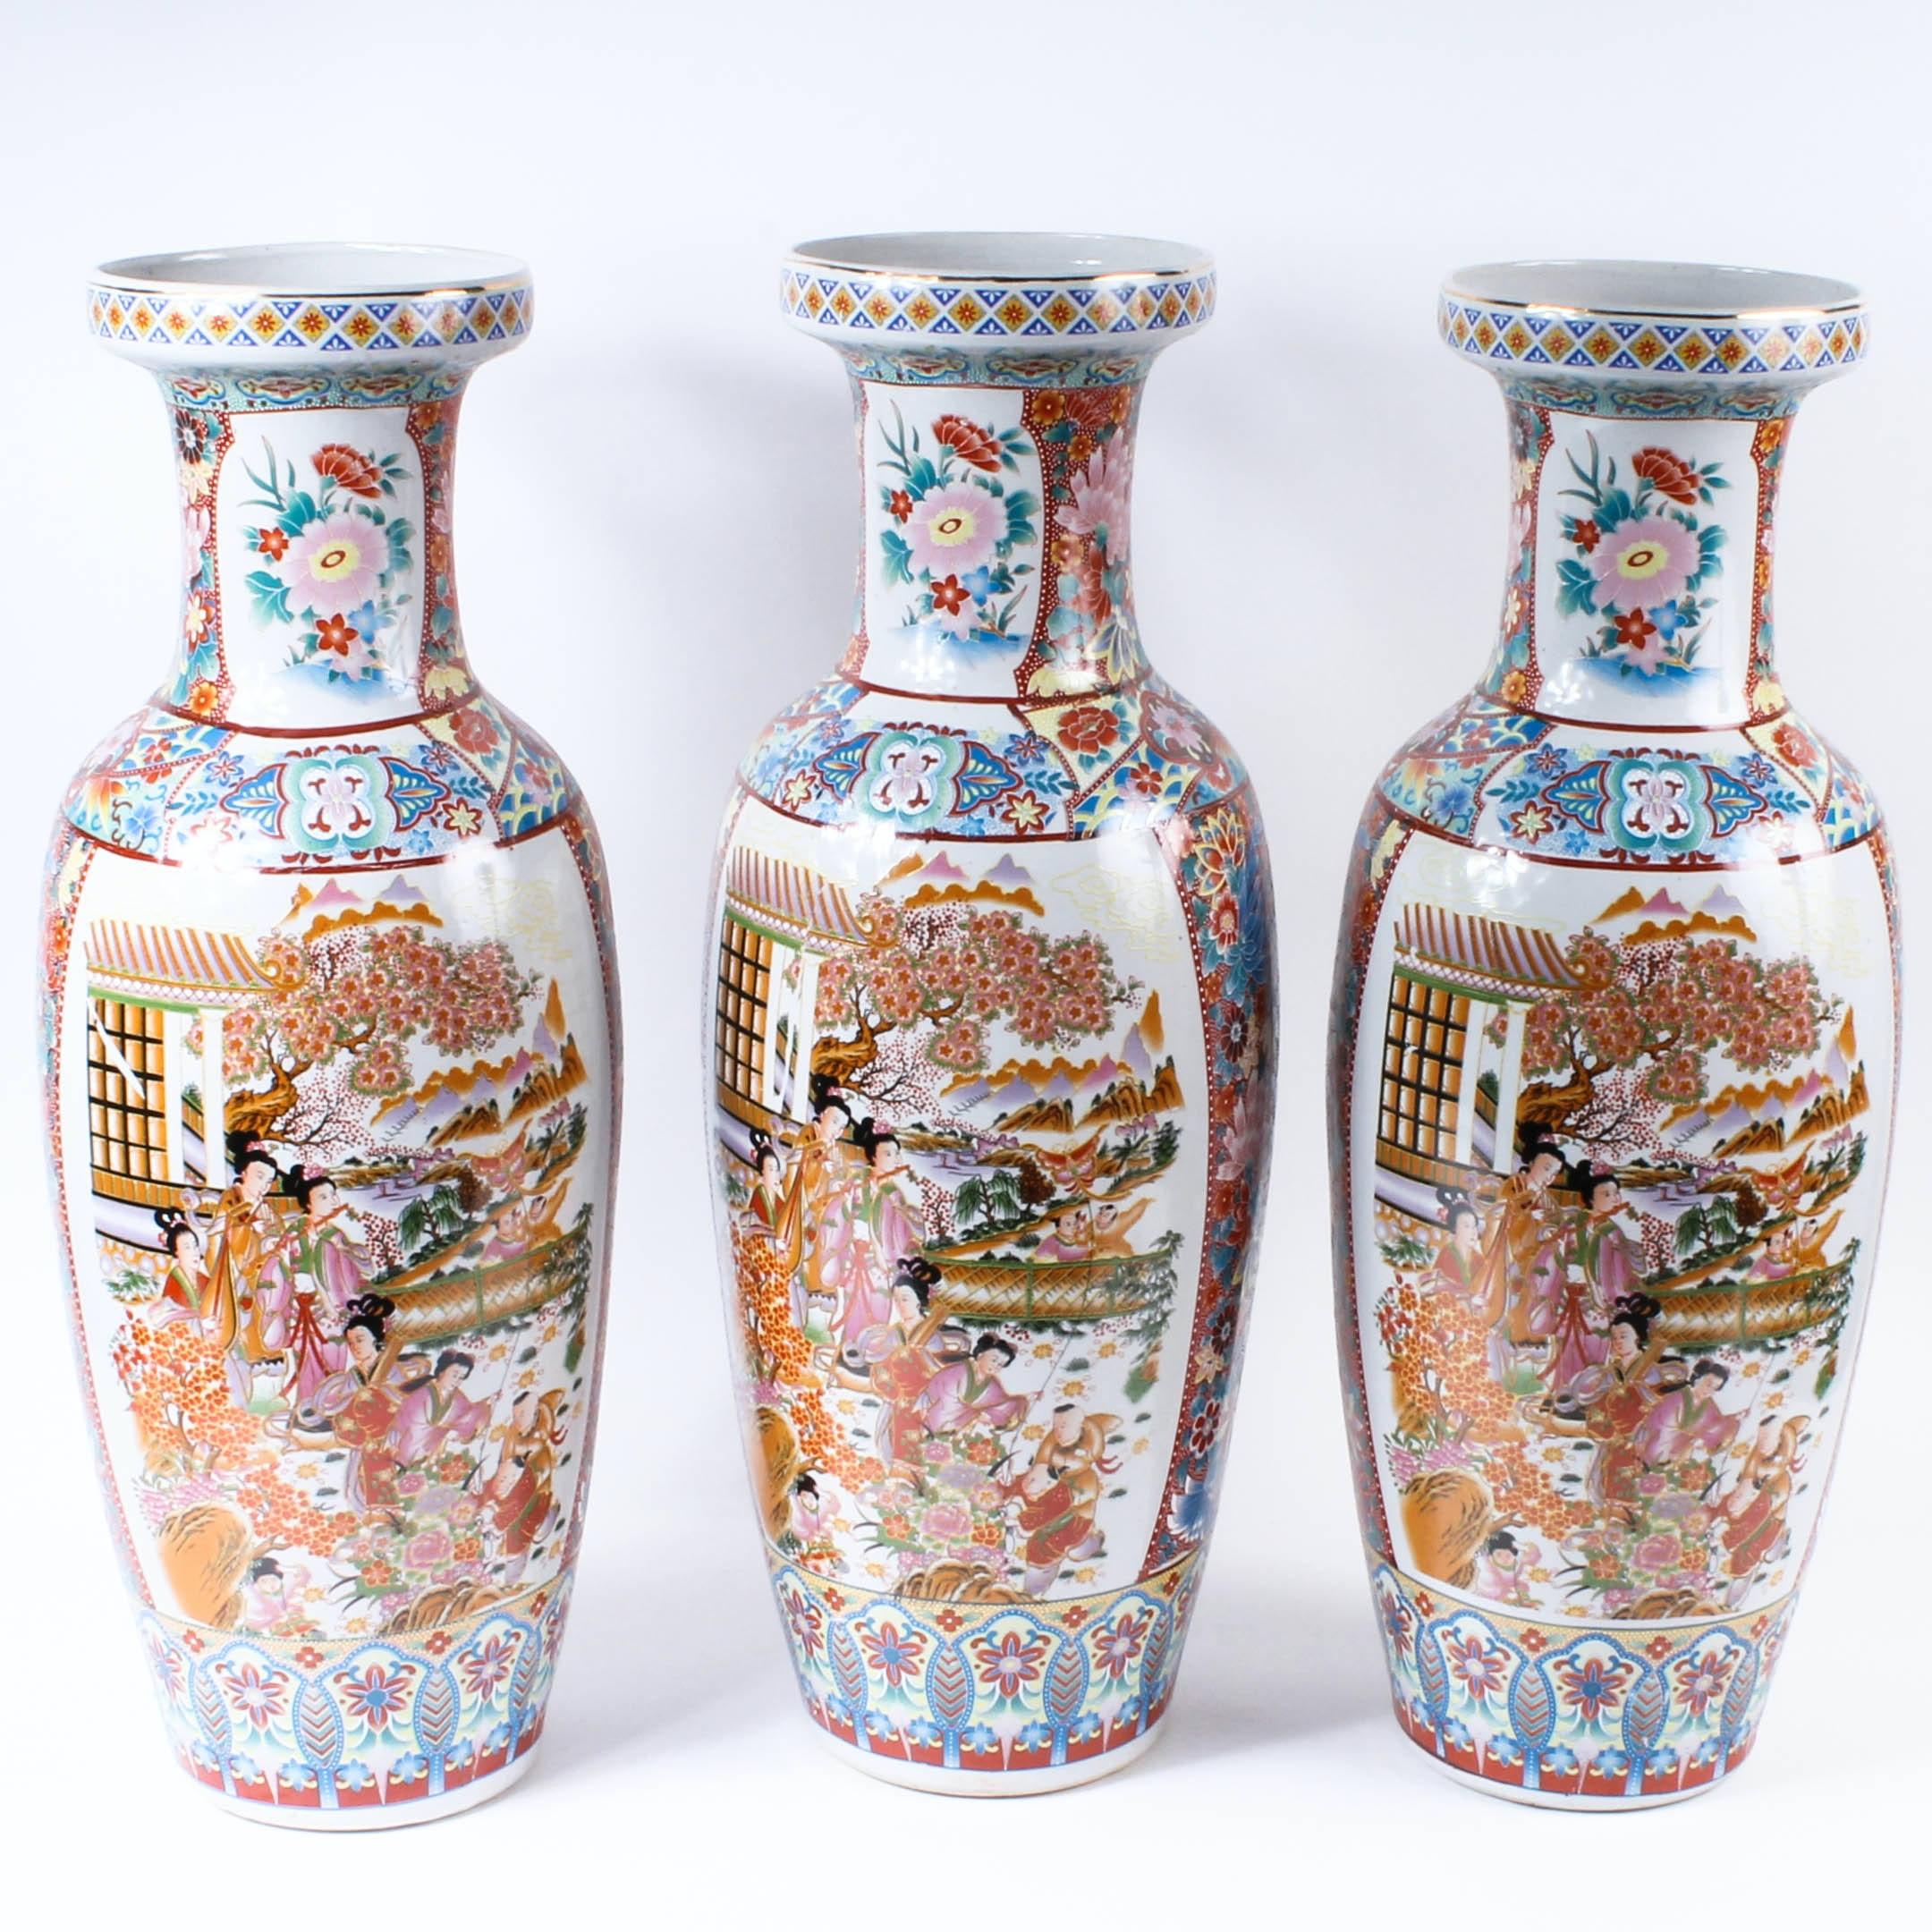 Three Chinese Satsuma Style Vases